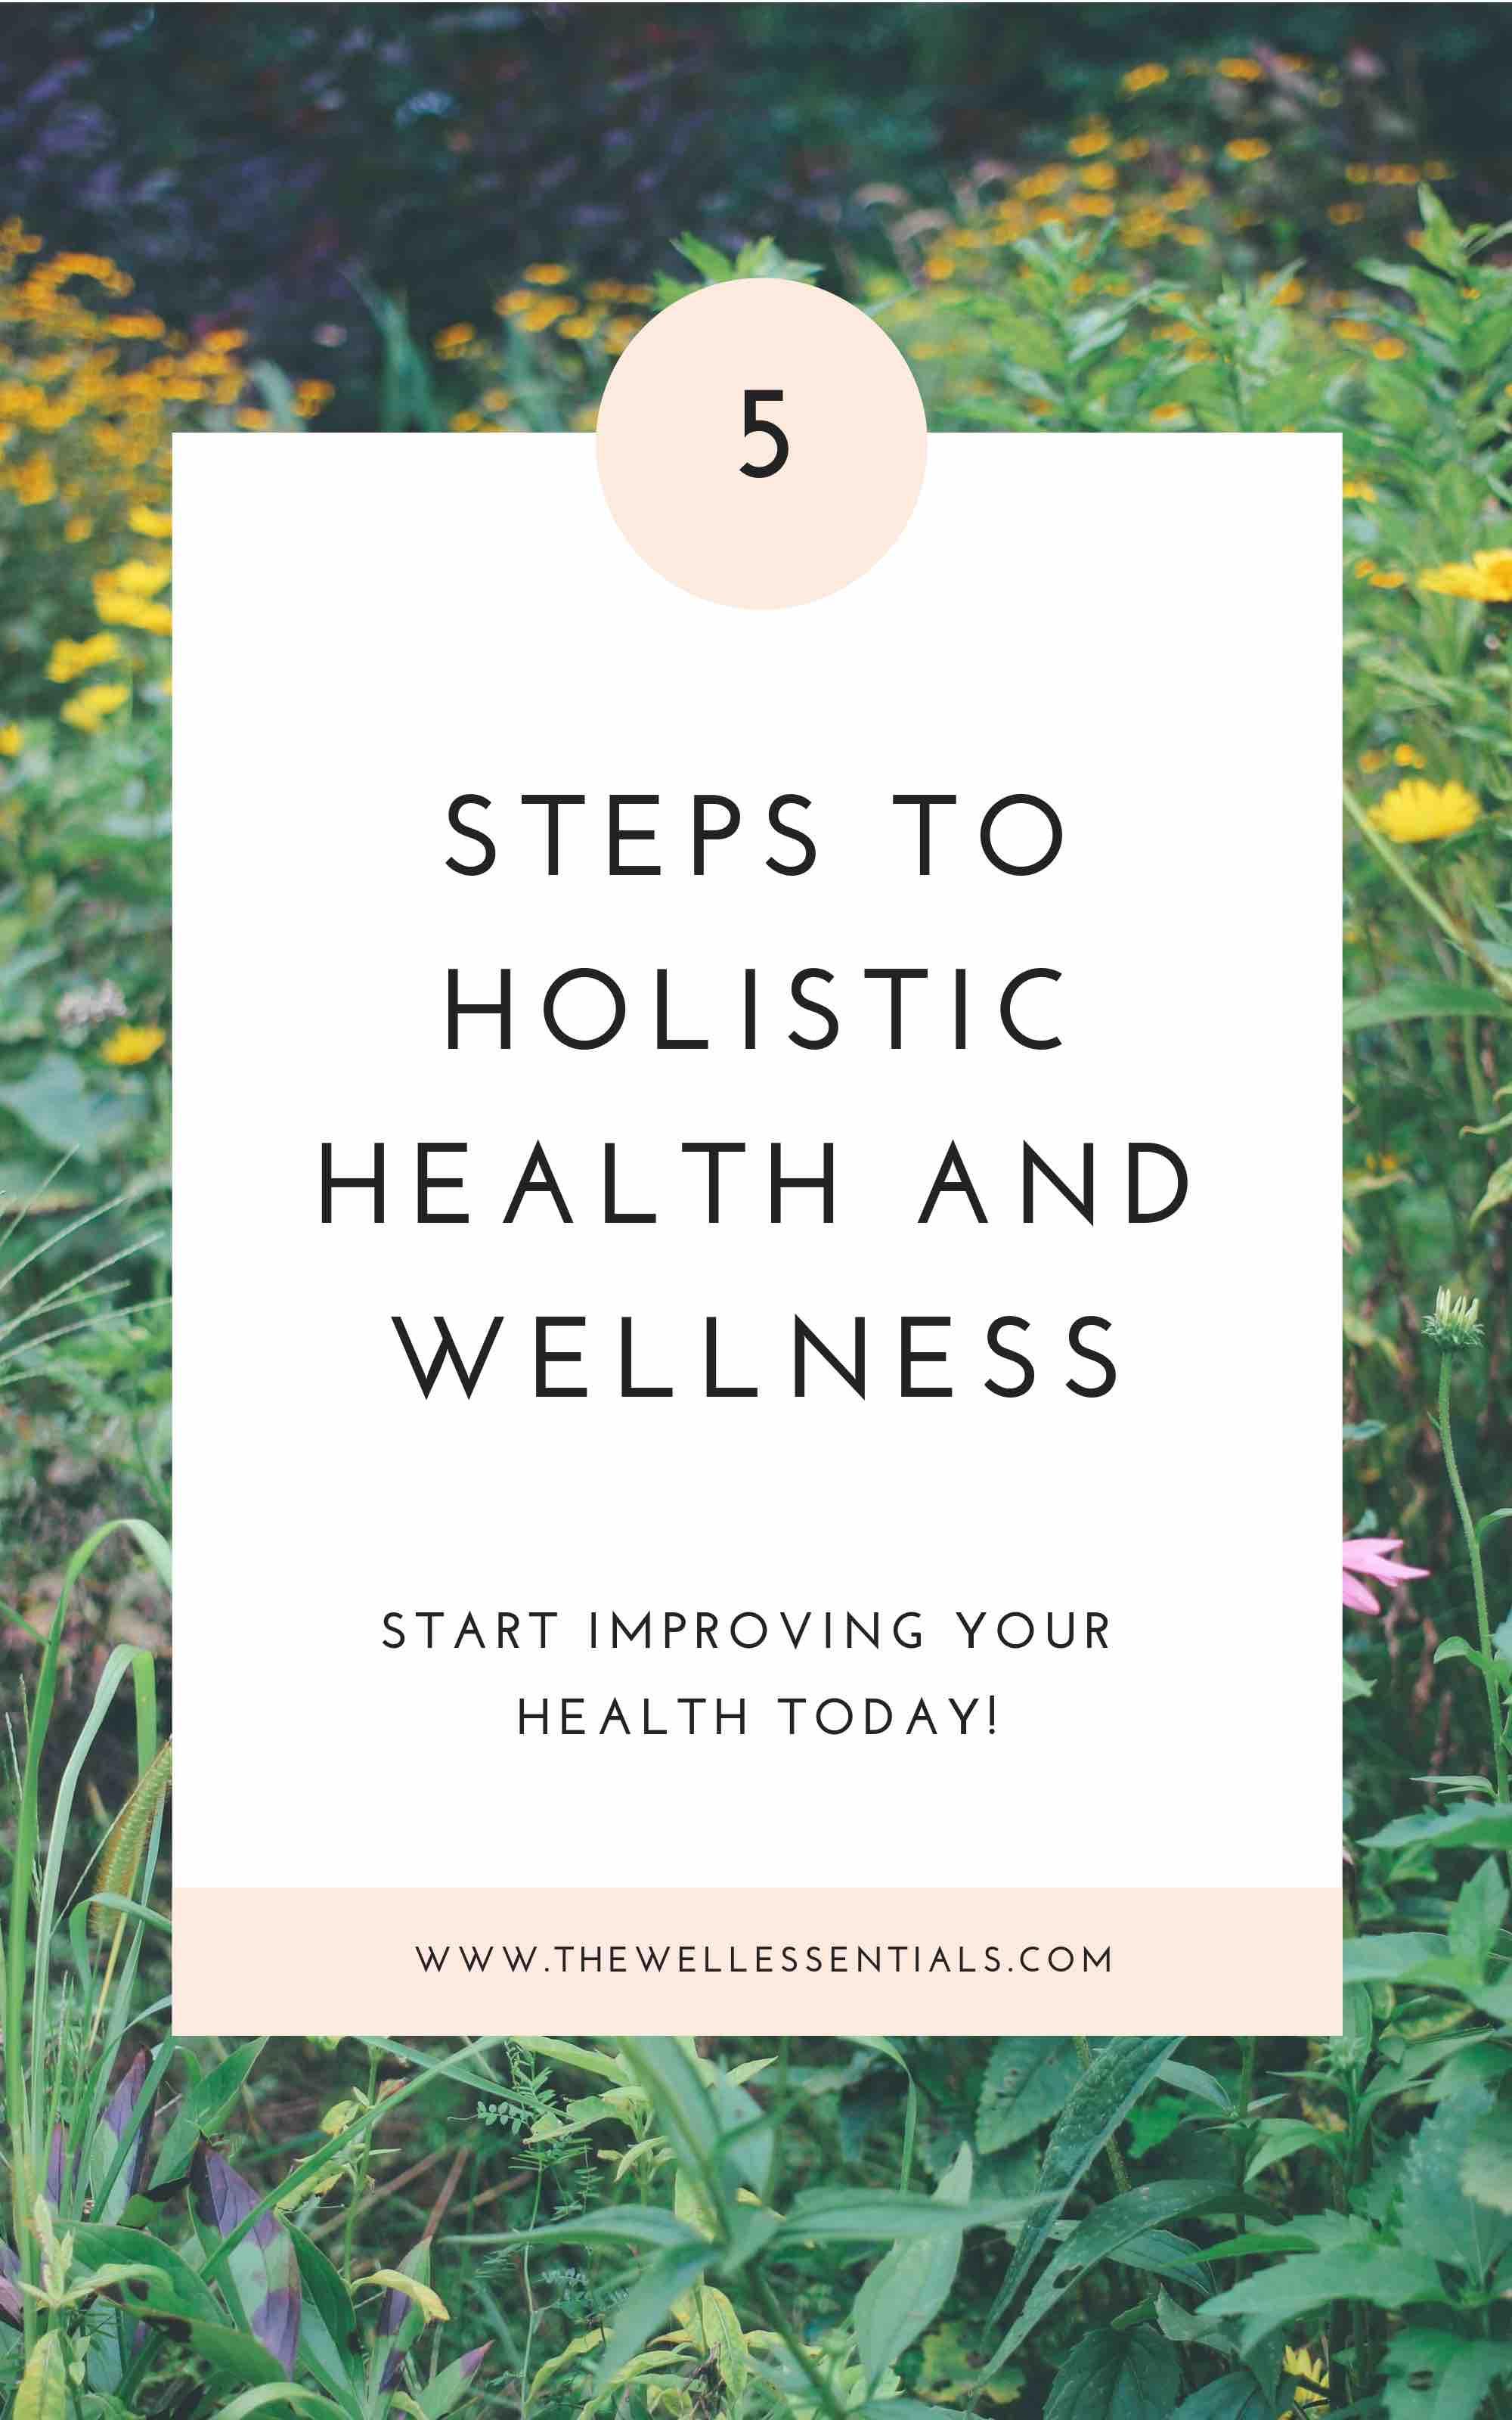 5 Steps To Holistic Health And Wellness.jpg